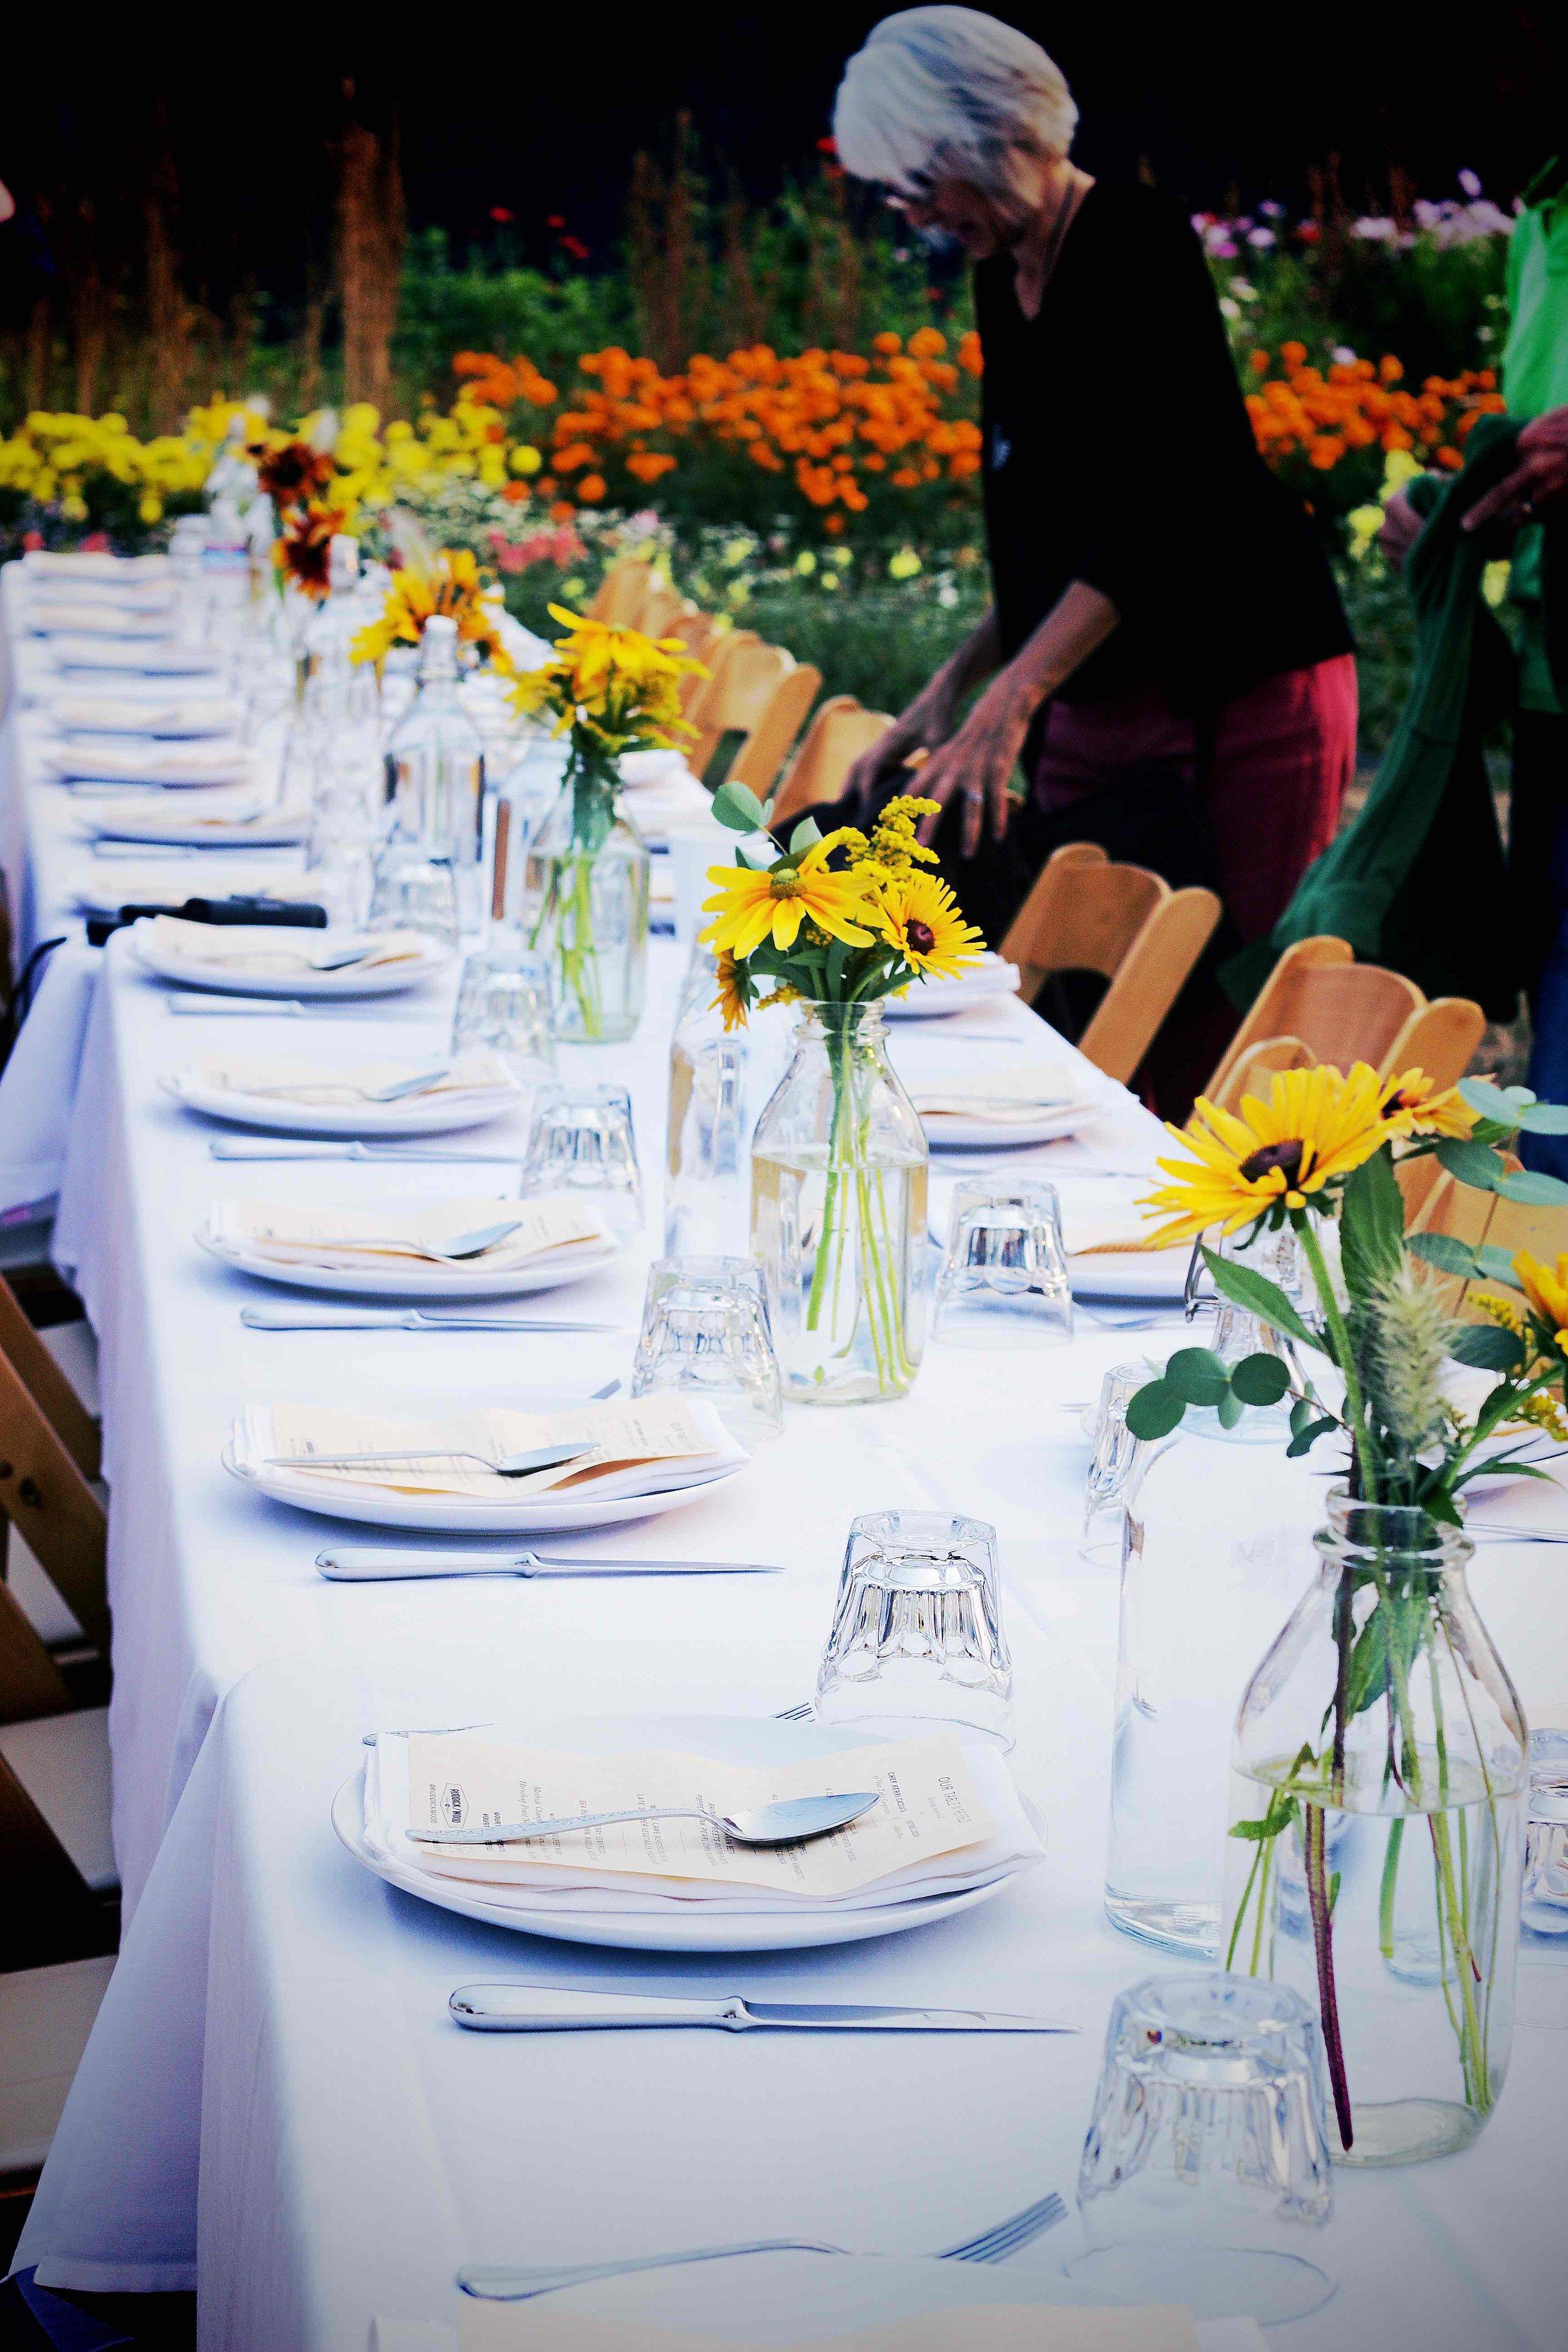 IMG_3677x Our Table_xx.jpg